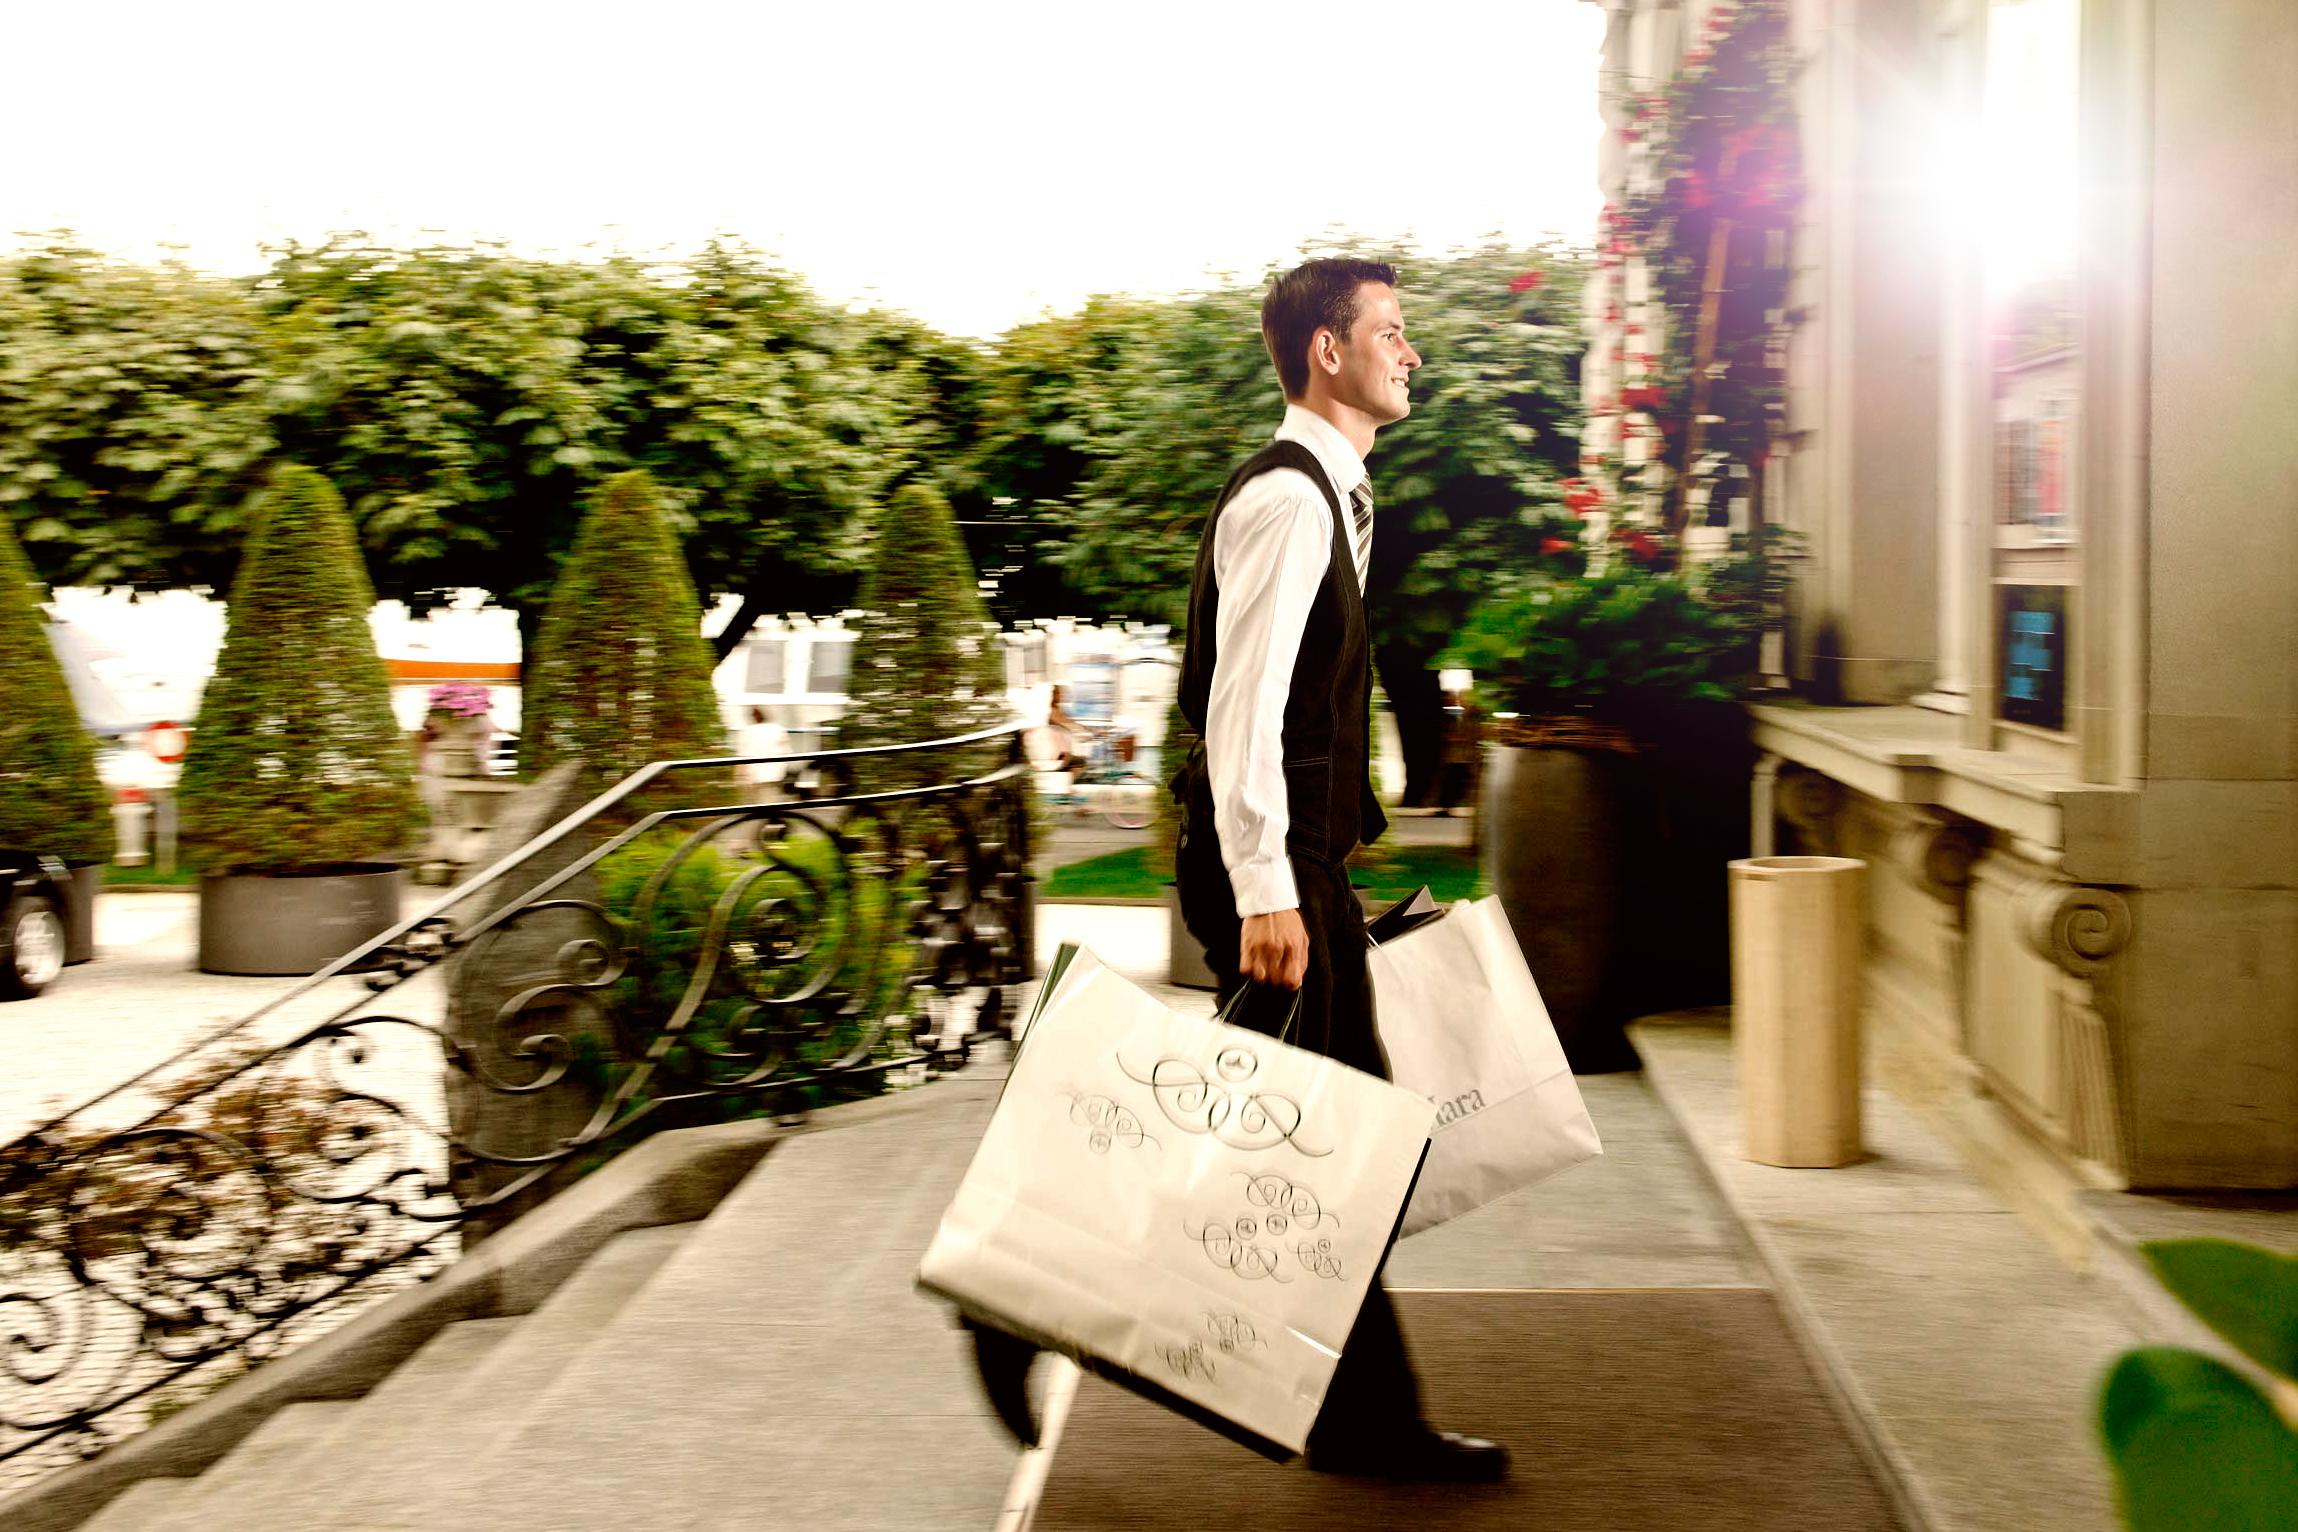 hausmeister des nationalhotels in luzern trägt pakete